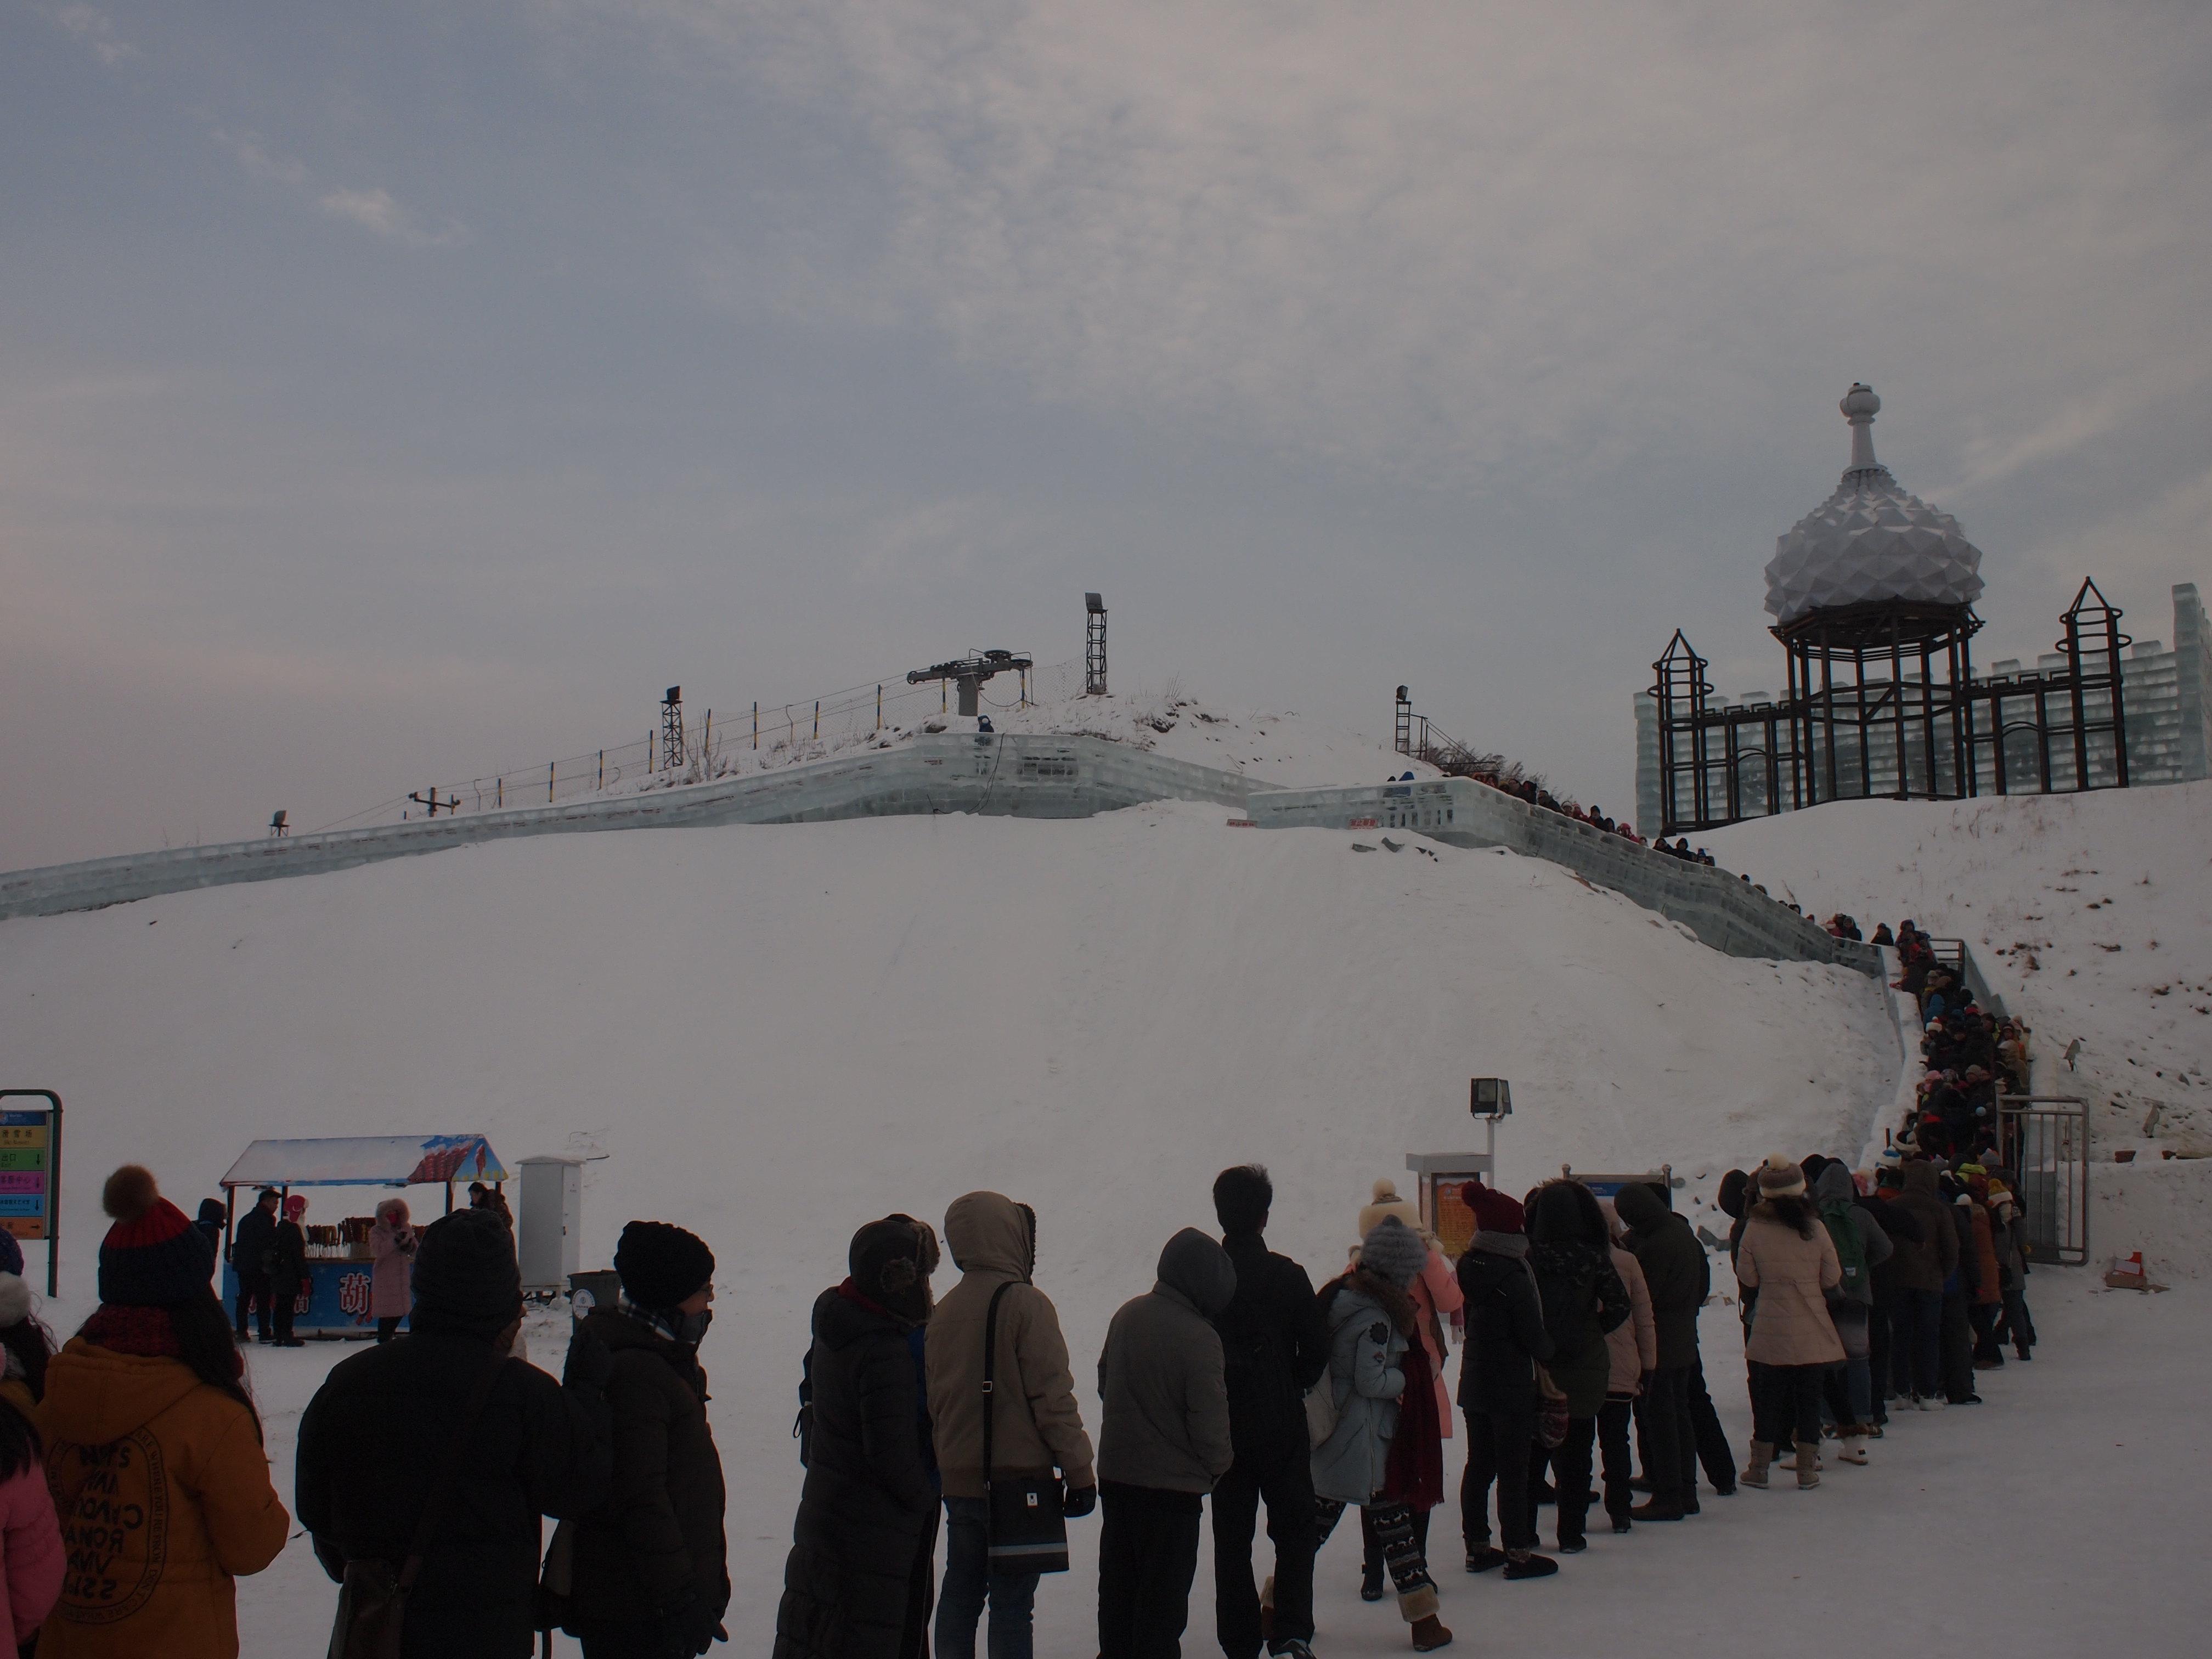 帮冰棍做的手工制作桥